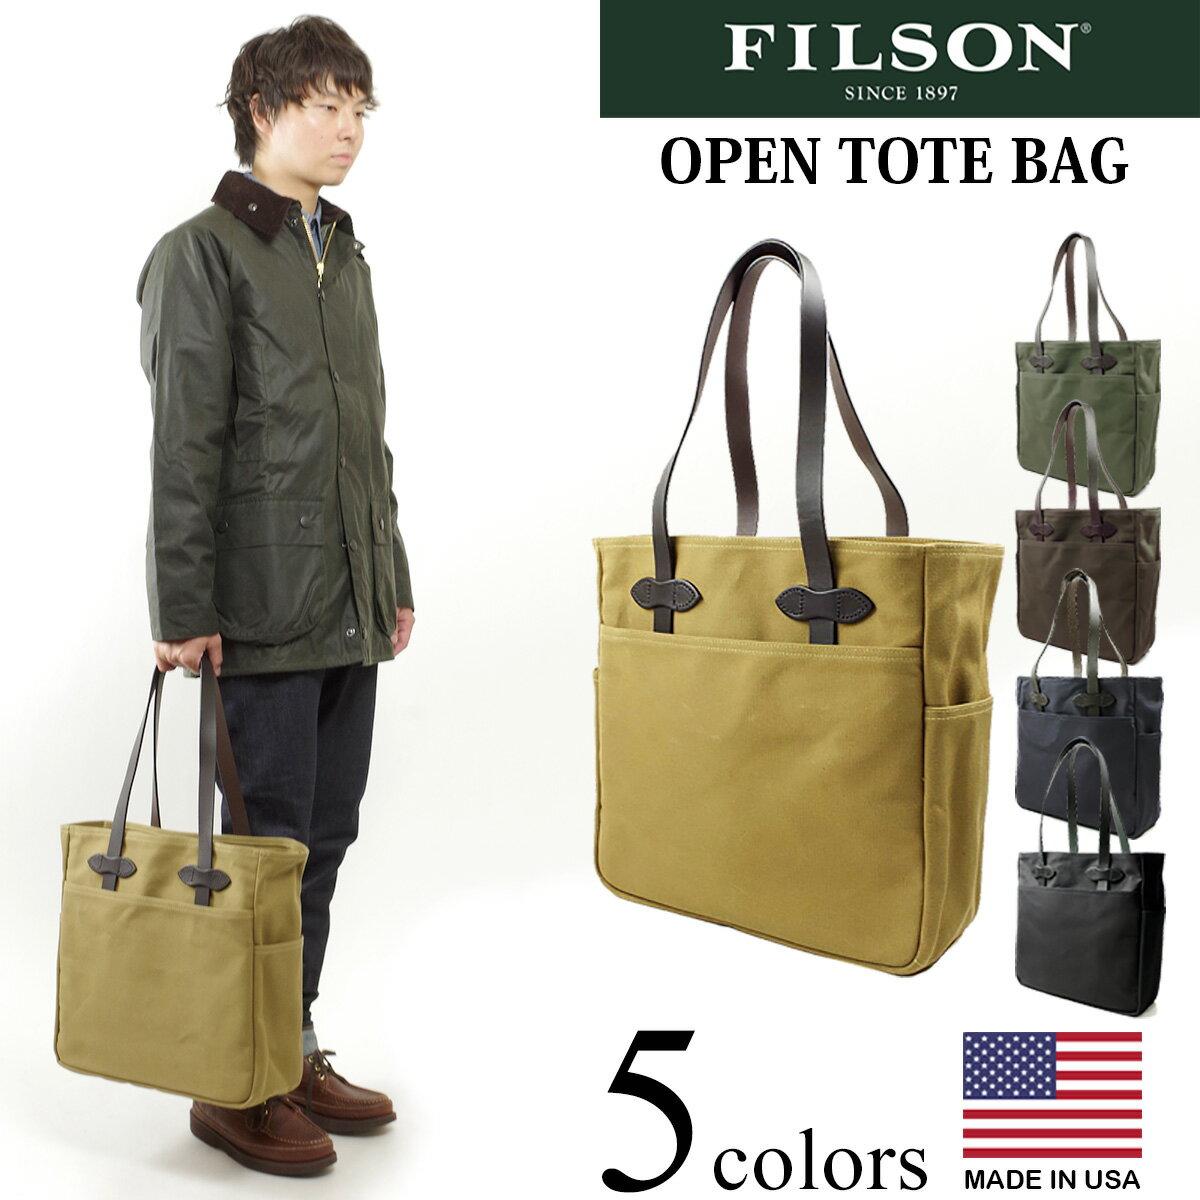 Filson Bag Review Website 256 257 Etc